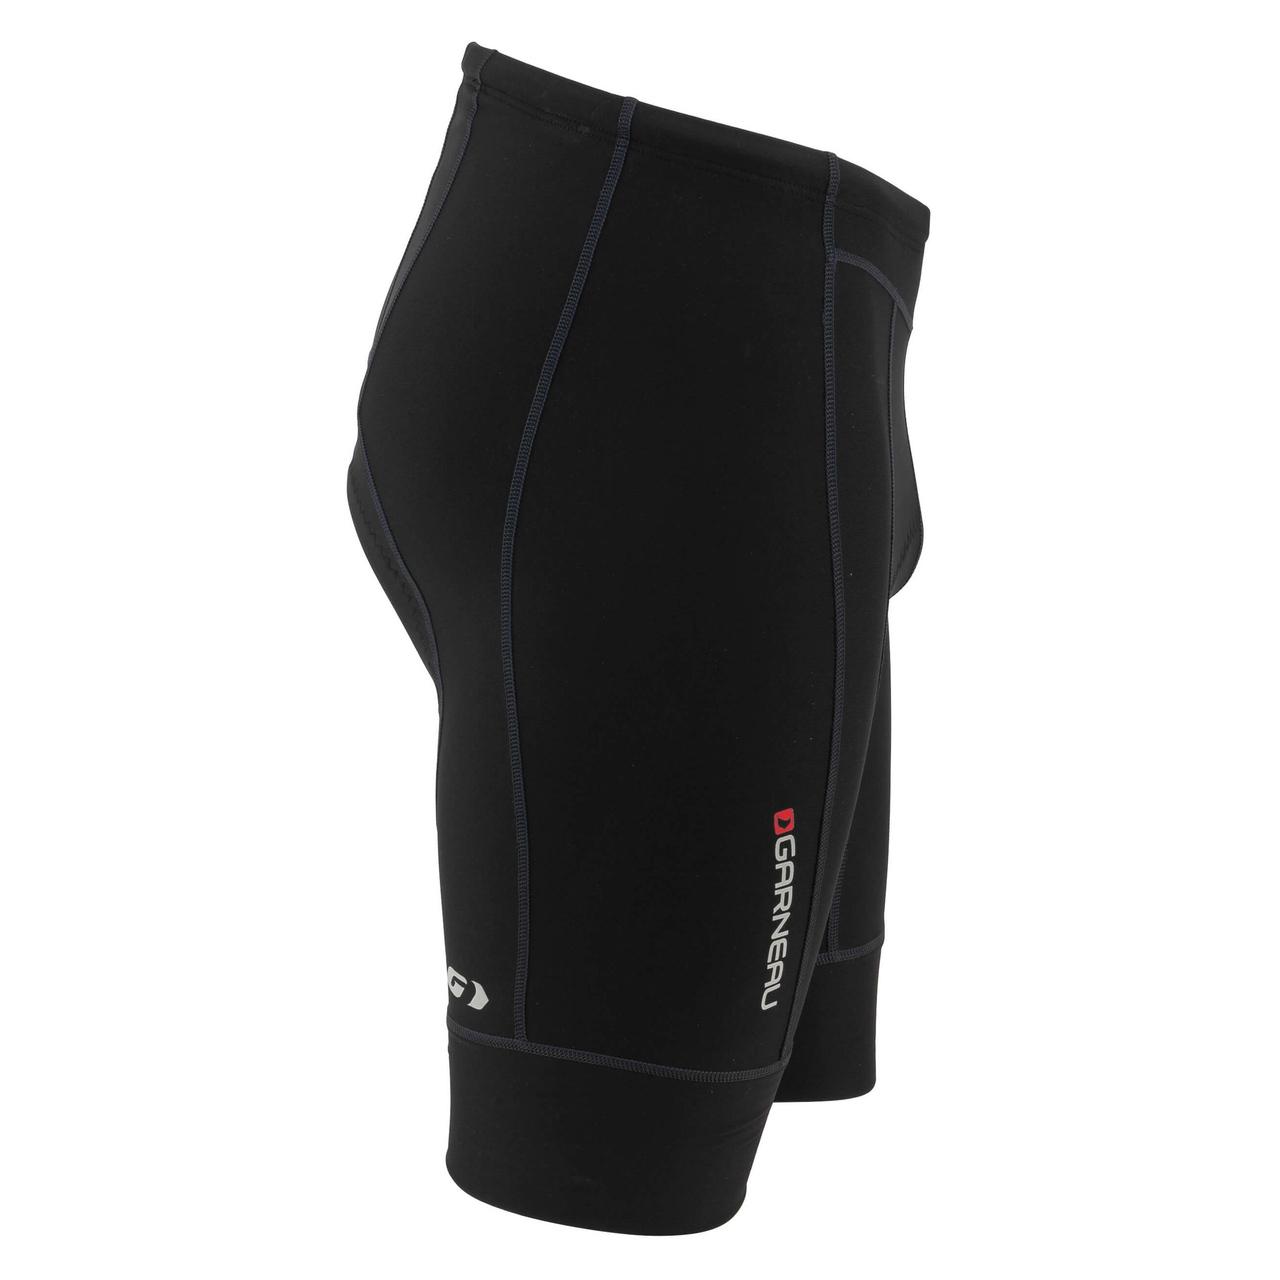 Cycling Shorts and Bibs